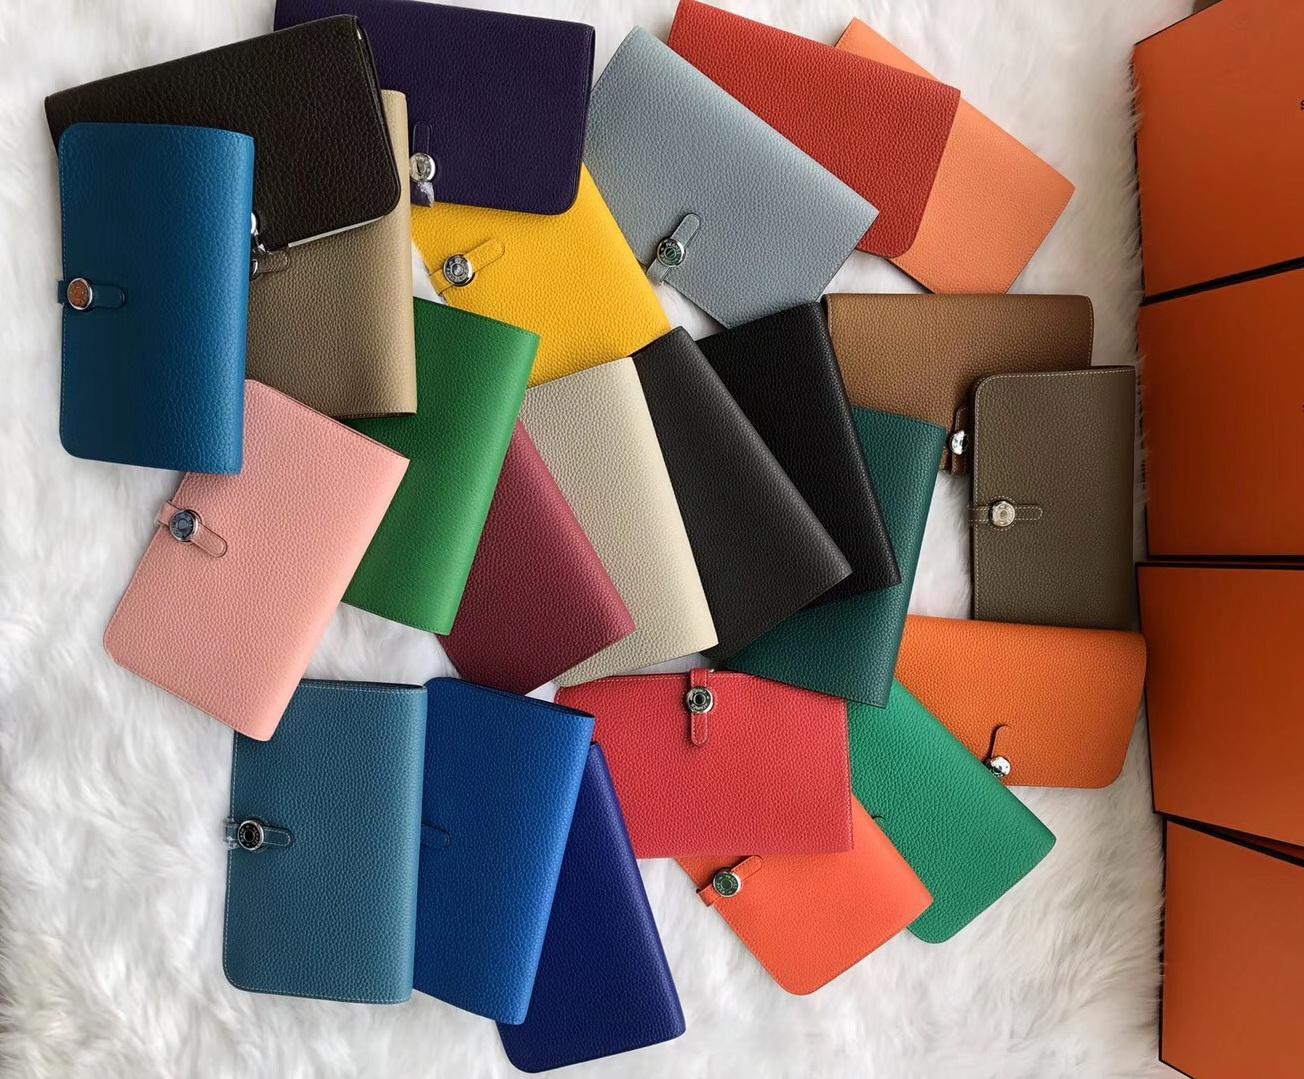 Классический горячий продавать мода бумажник дизайнерский бренд натуральная кожа леди клатч pass port case кошелек бесплатная доставка